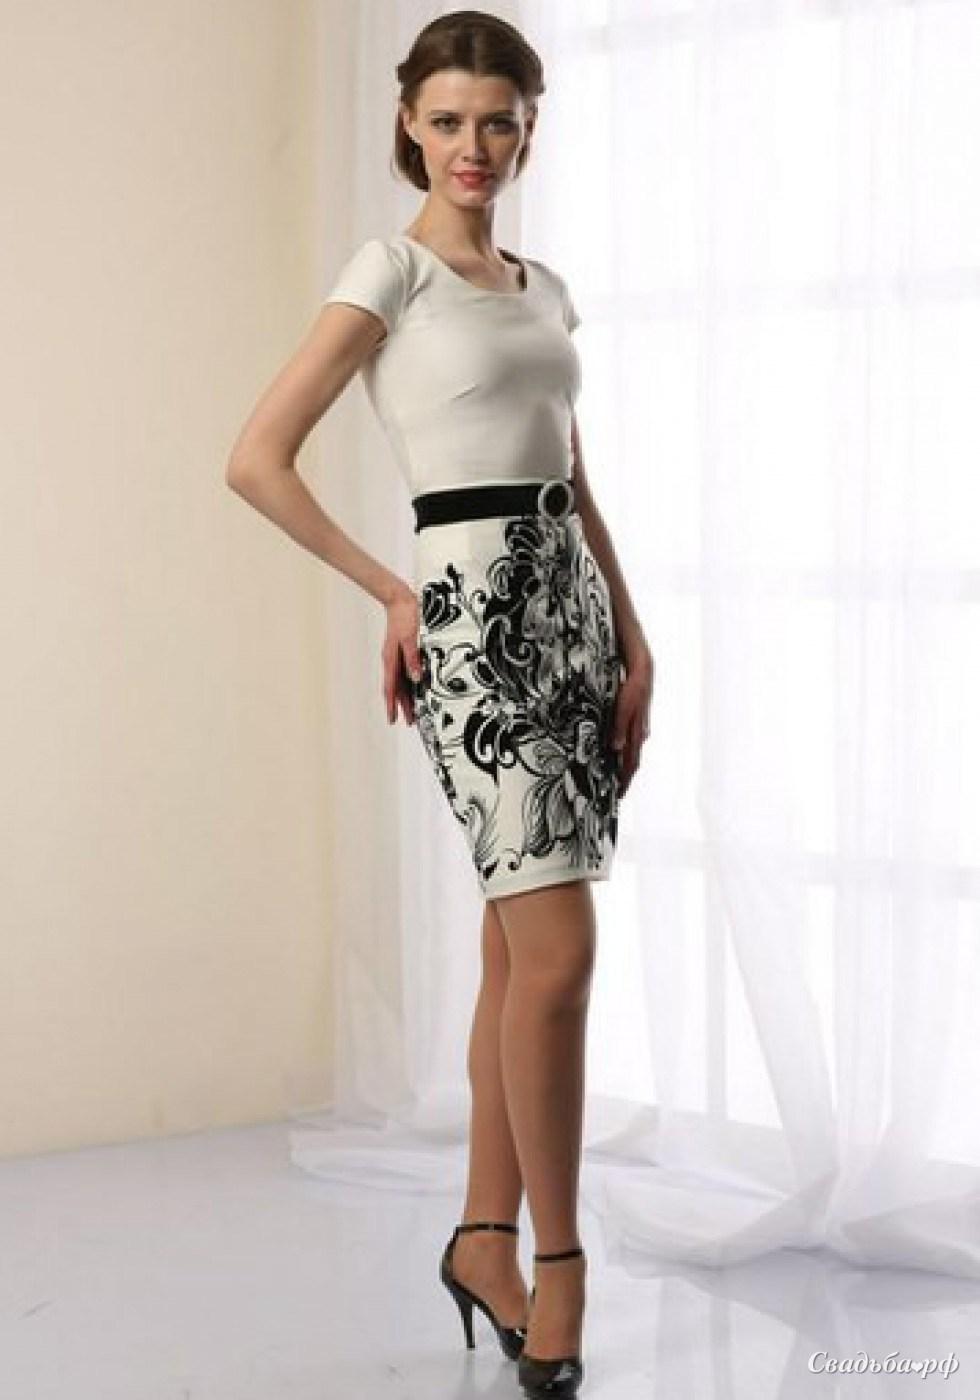 Купить вечернее платье К769 (цвета: белый, кремовый) - Свадебный